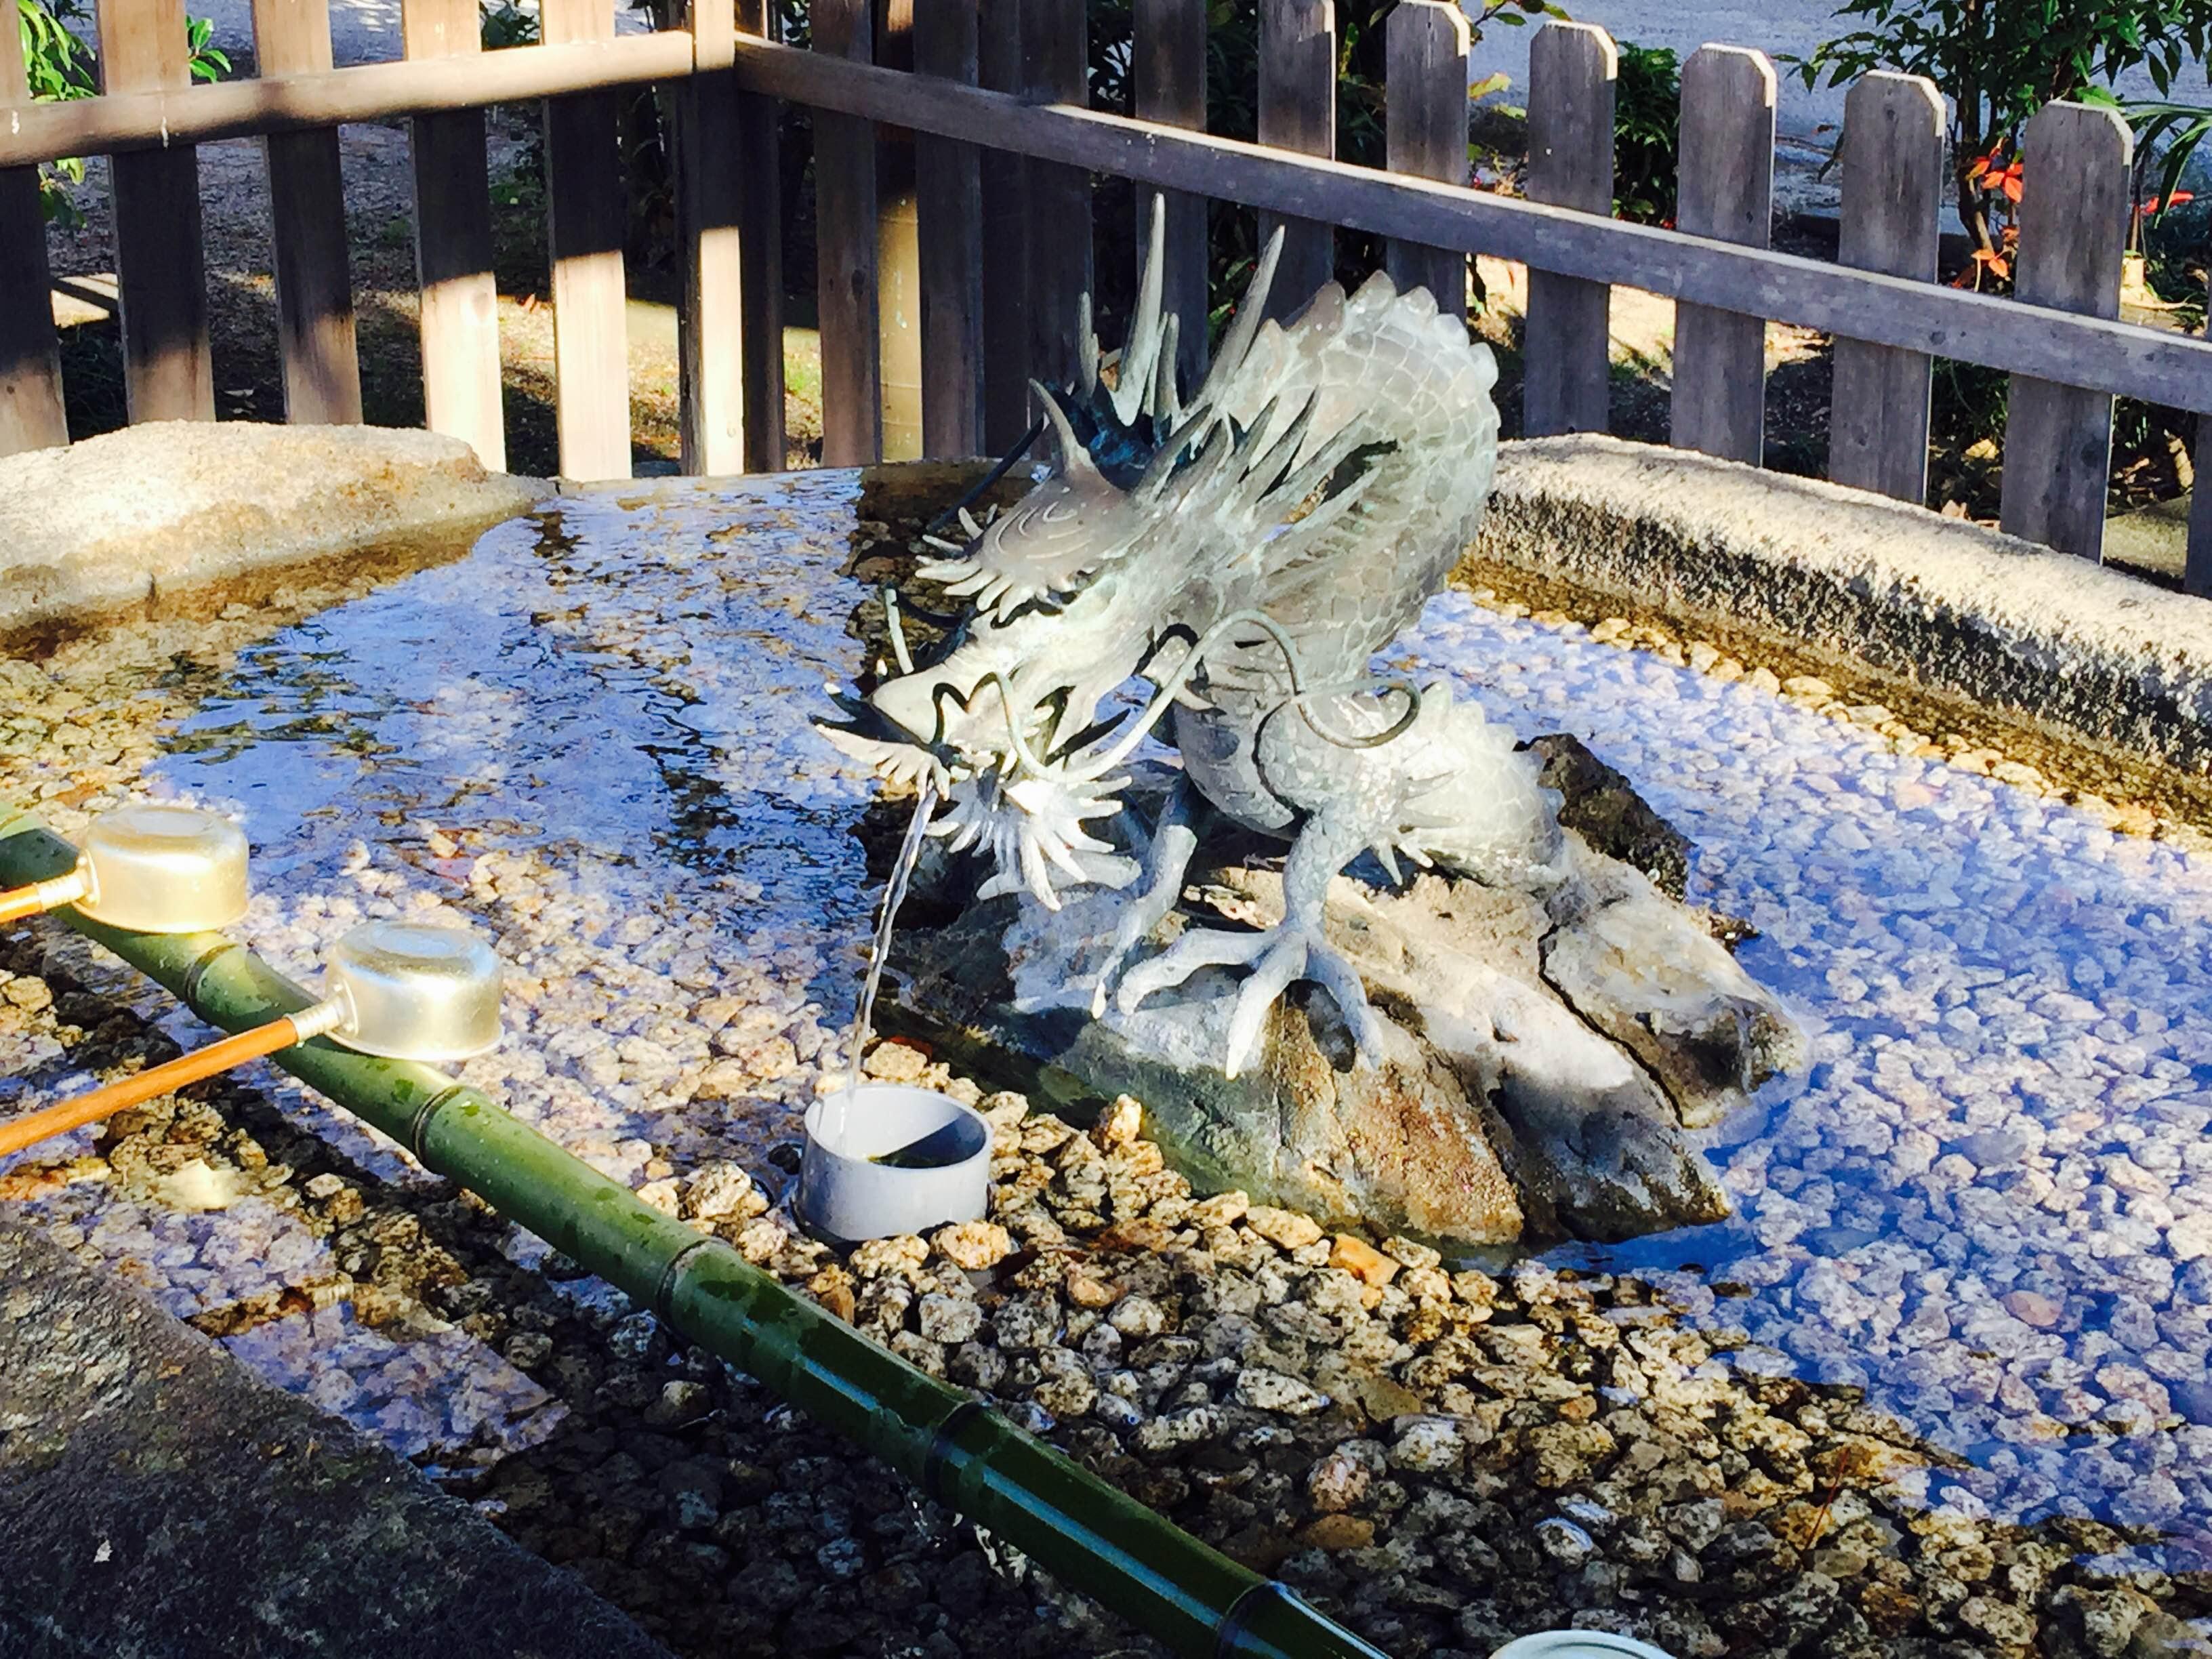 Hatsumode Toride Shrine temizuya